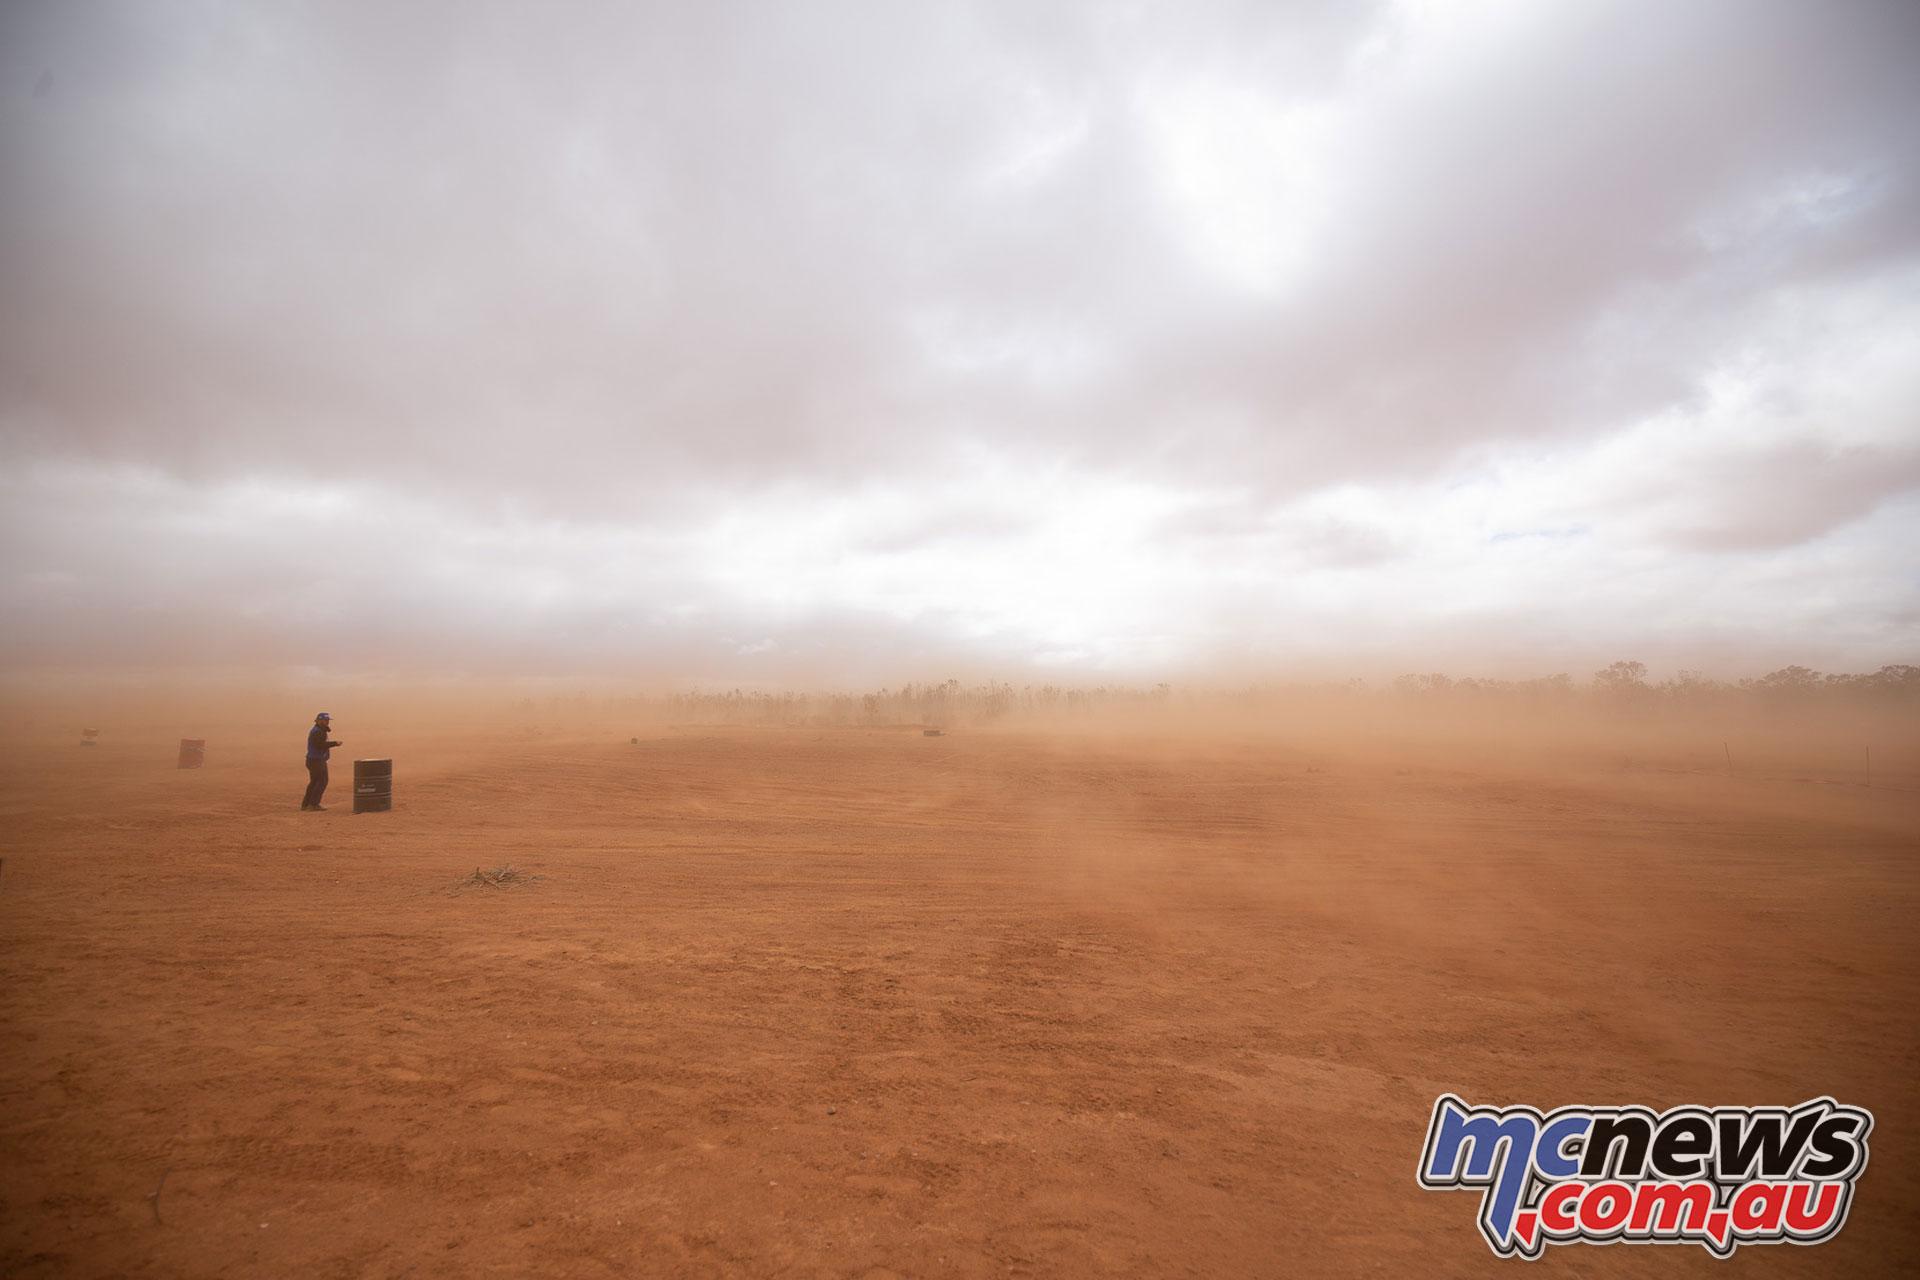 AORC Broken Hill bhsund Dust storm